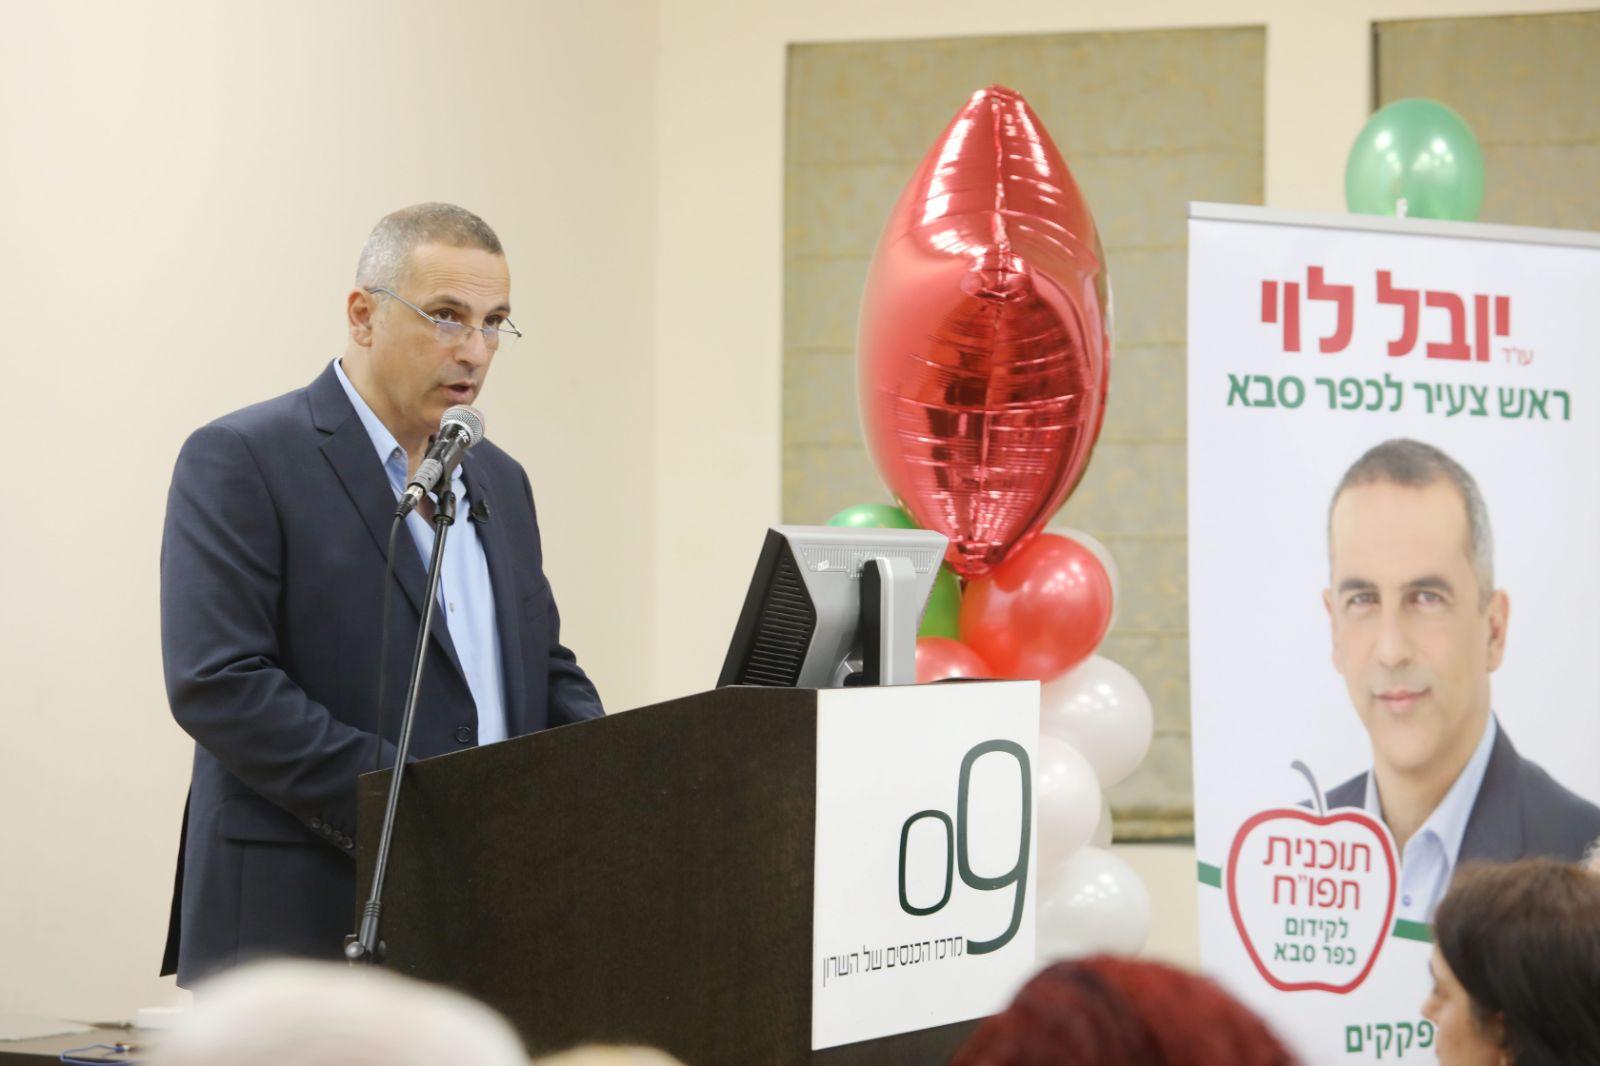 """Photo of עו""""ד יובל לוי הכריז על התמודדותו לראשות העיר כפ""""ס. בתוכנית: הרבה יותר השקעה בחינוך, יותר איכות סביבה, פחות פקקים ודיור לדור הצעיר"""